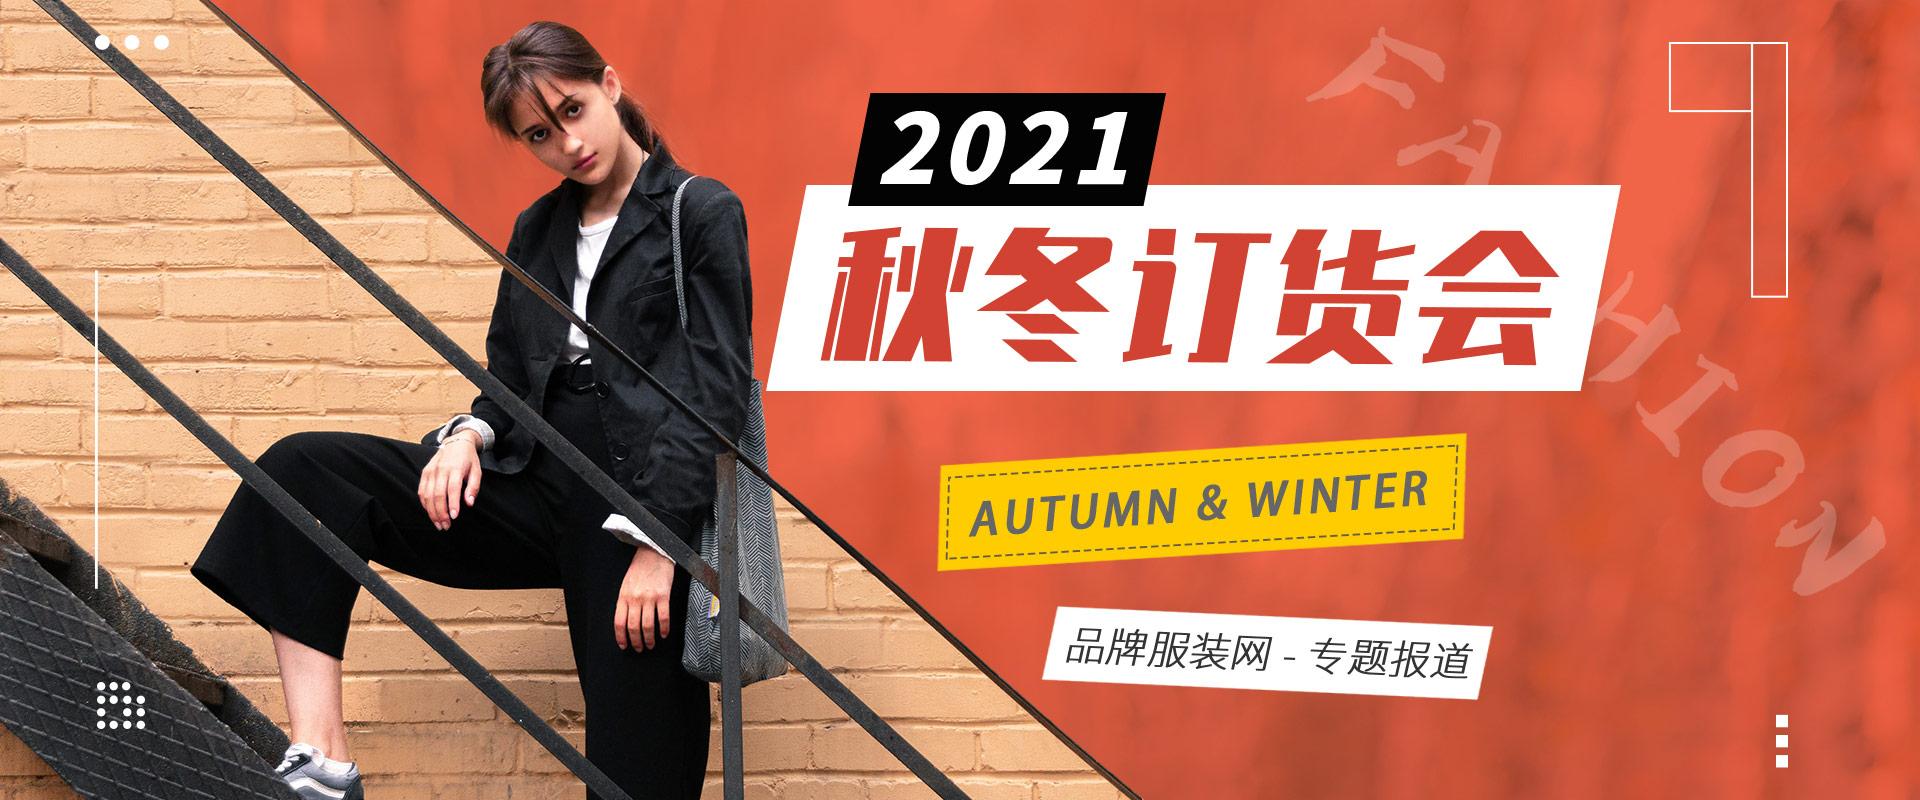 2021秋冬服装品牌订货会